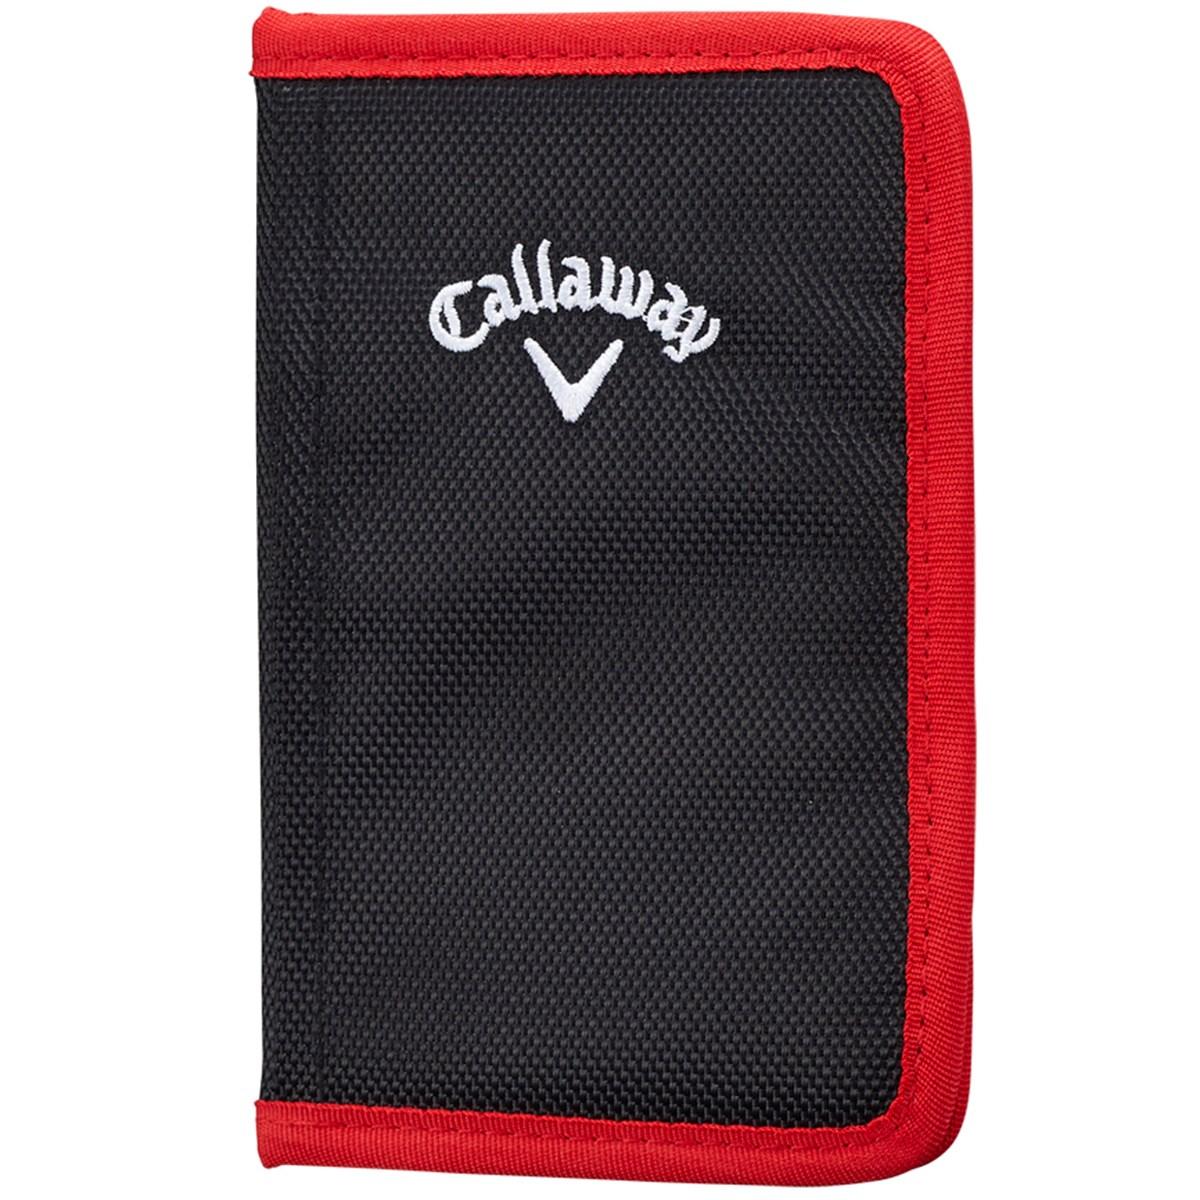 キャロウェイゴルフ(Callaway Golf) パークゴルフ CPG2 カードケース